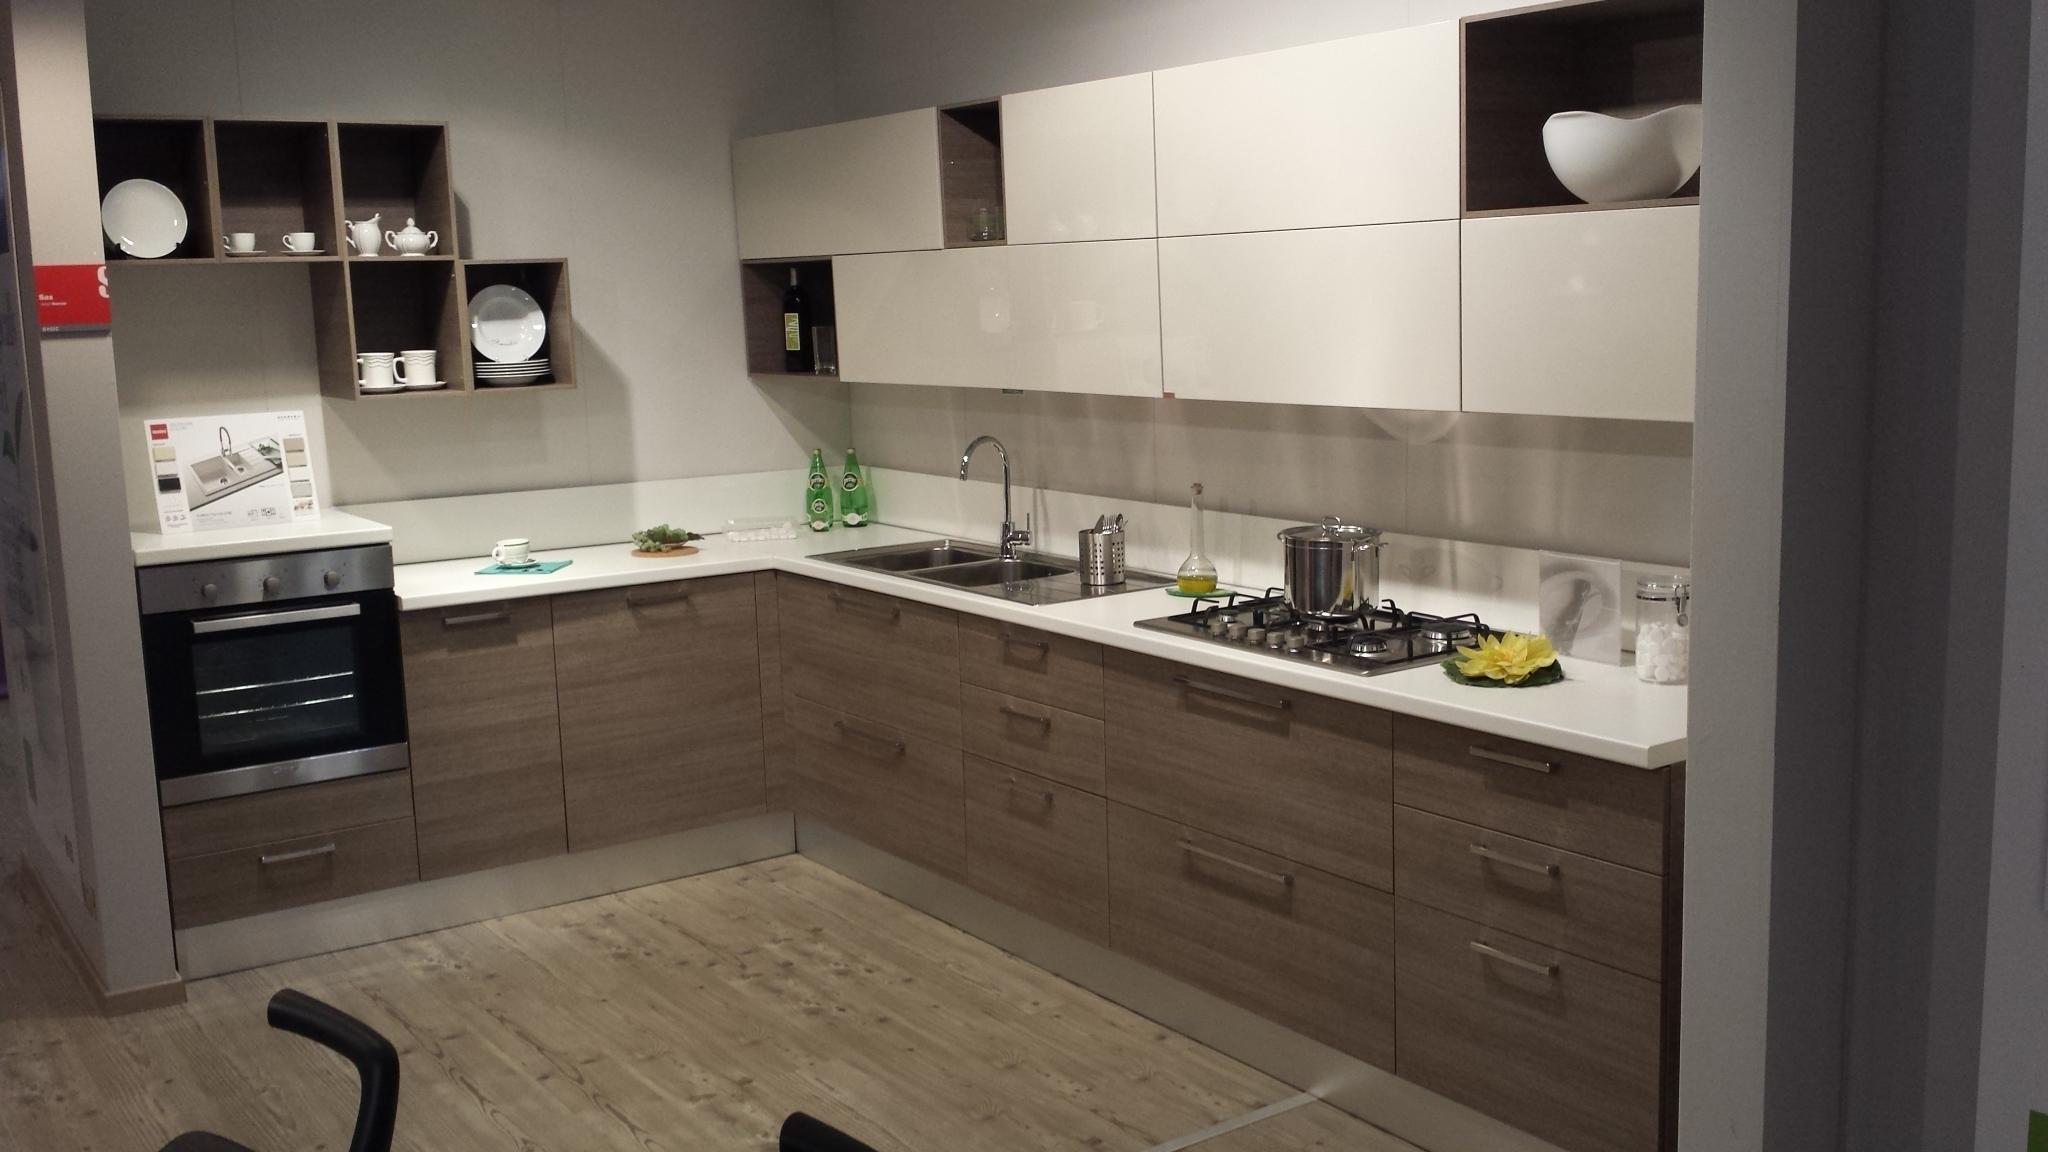 Cucina scavolini sax in offerta sottocosto cucine a for Cucine in offerta prezzi